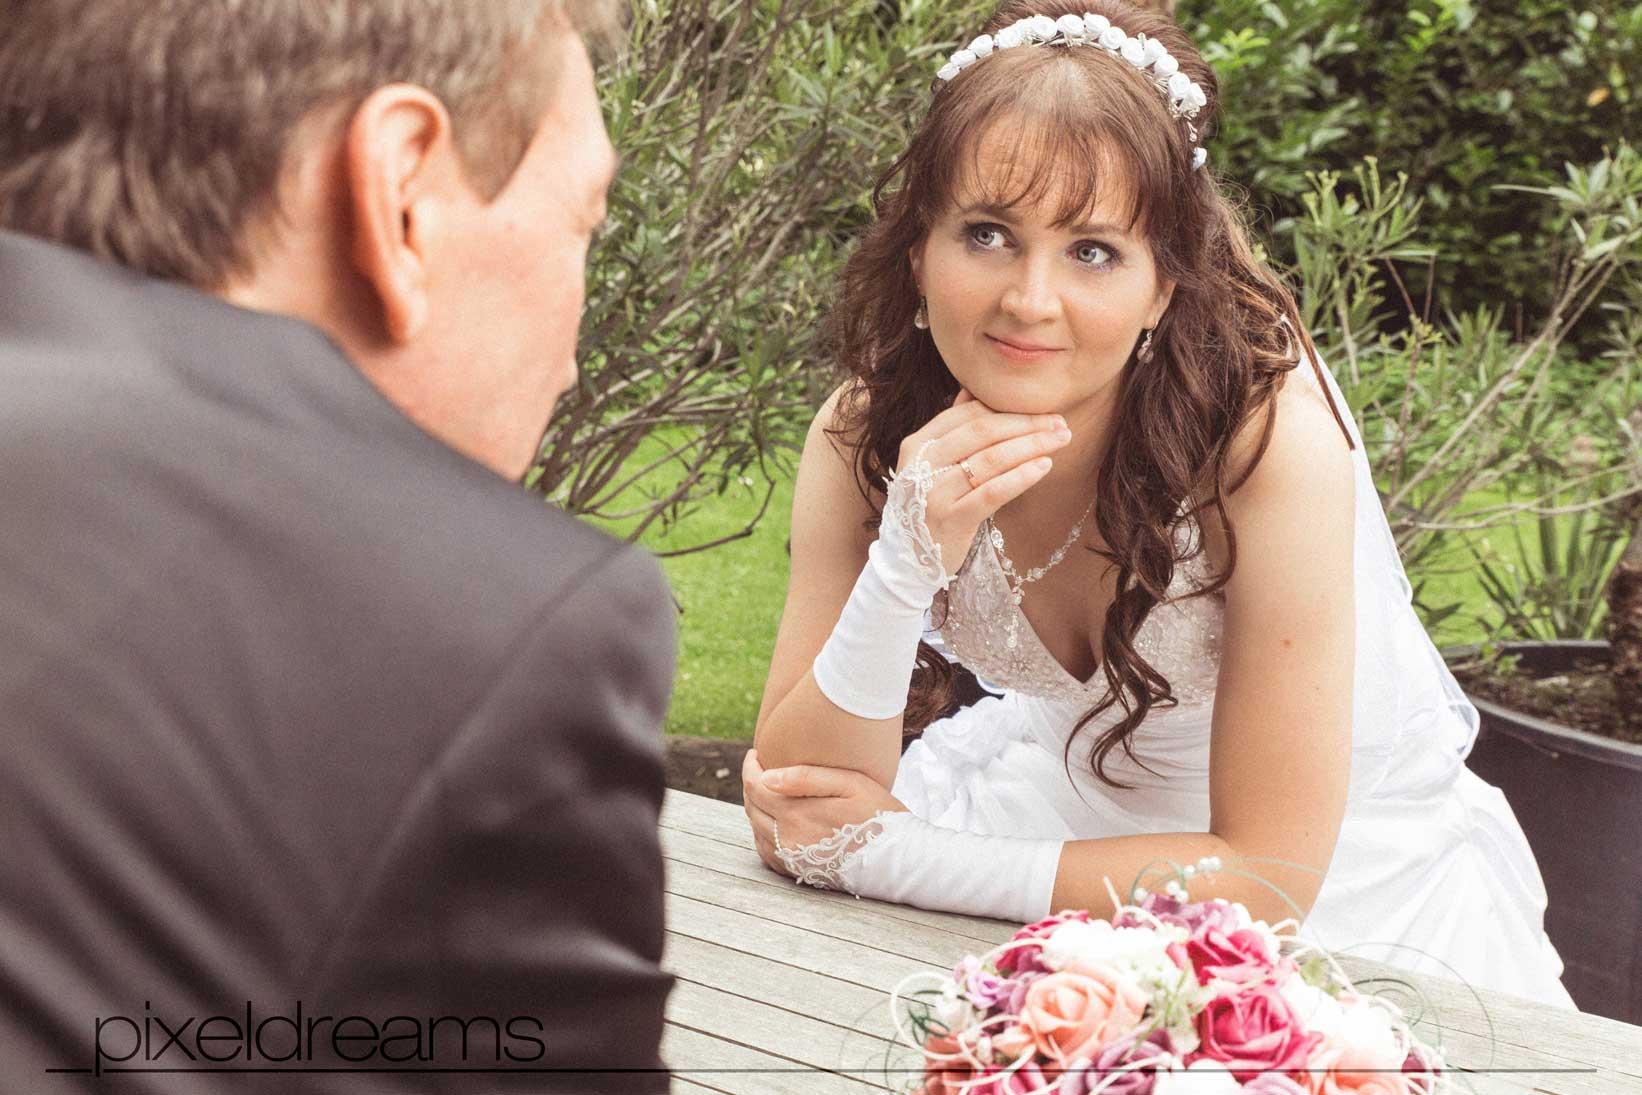 das brautpaar posiert an einem tisch während der Hochzeitsfotograf ihn schräg von hinten und sie schräg von vorne fotografiert